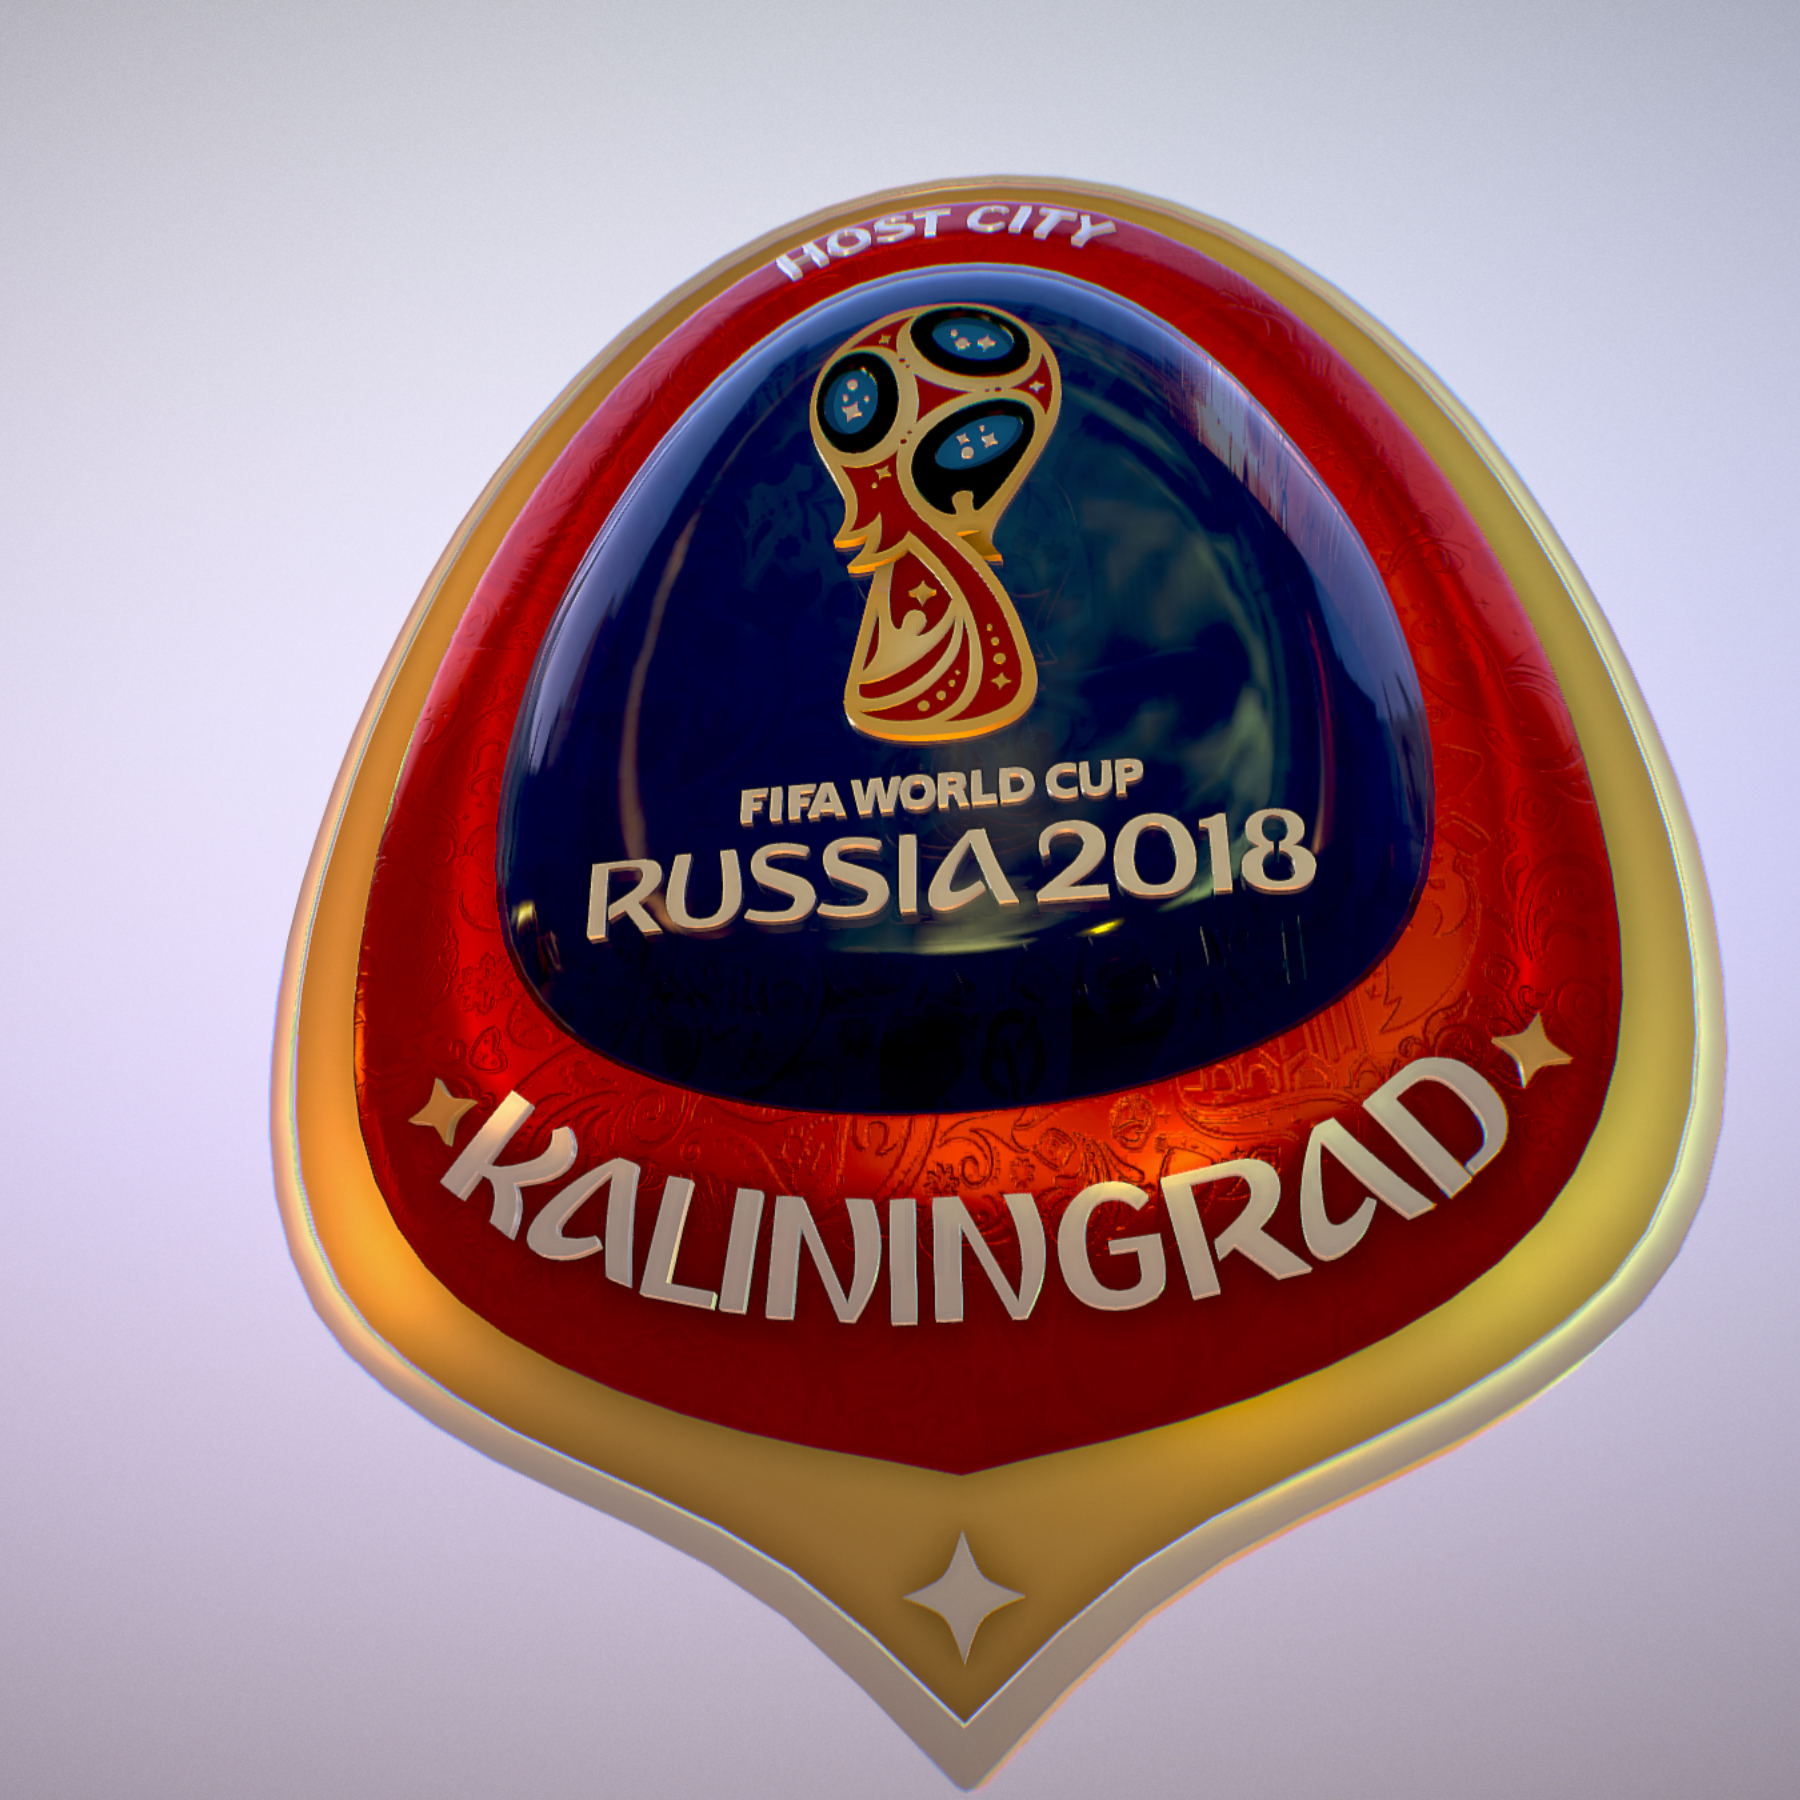 Kaliningrad City World Cup Russia 2018 Symbol 3d model max 3ds max plugin fbx jpeg ma mb obj 271754